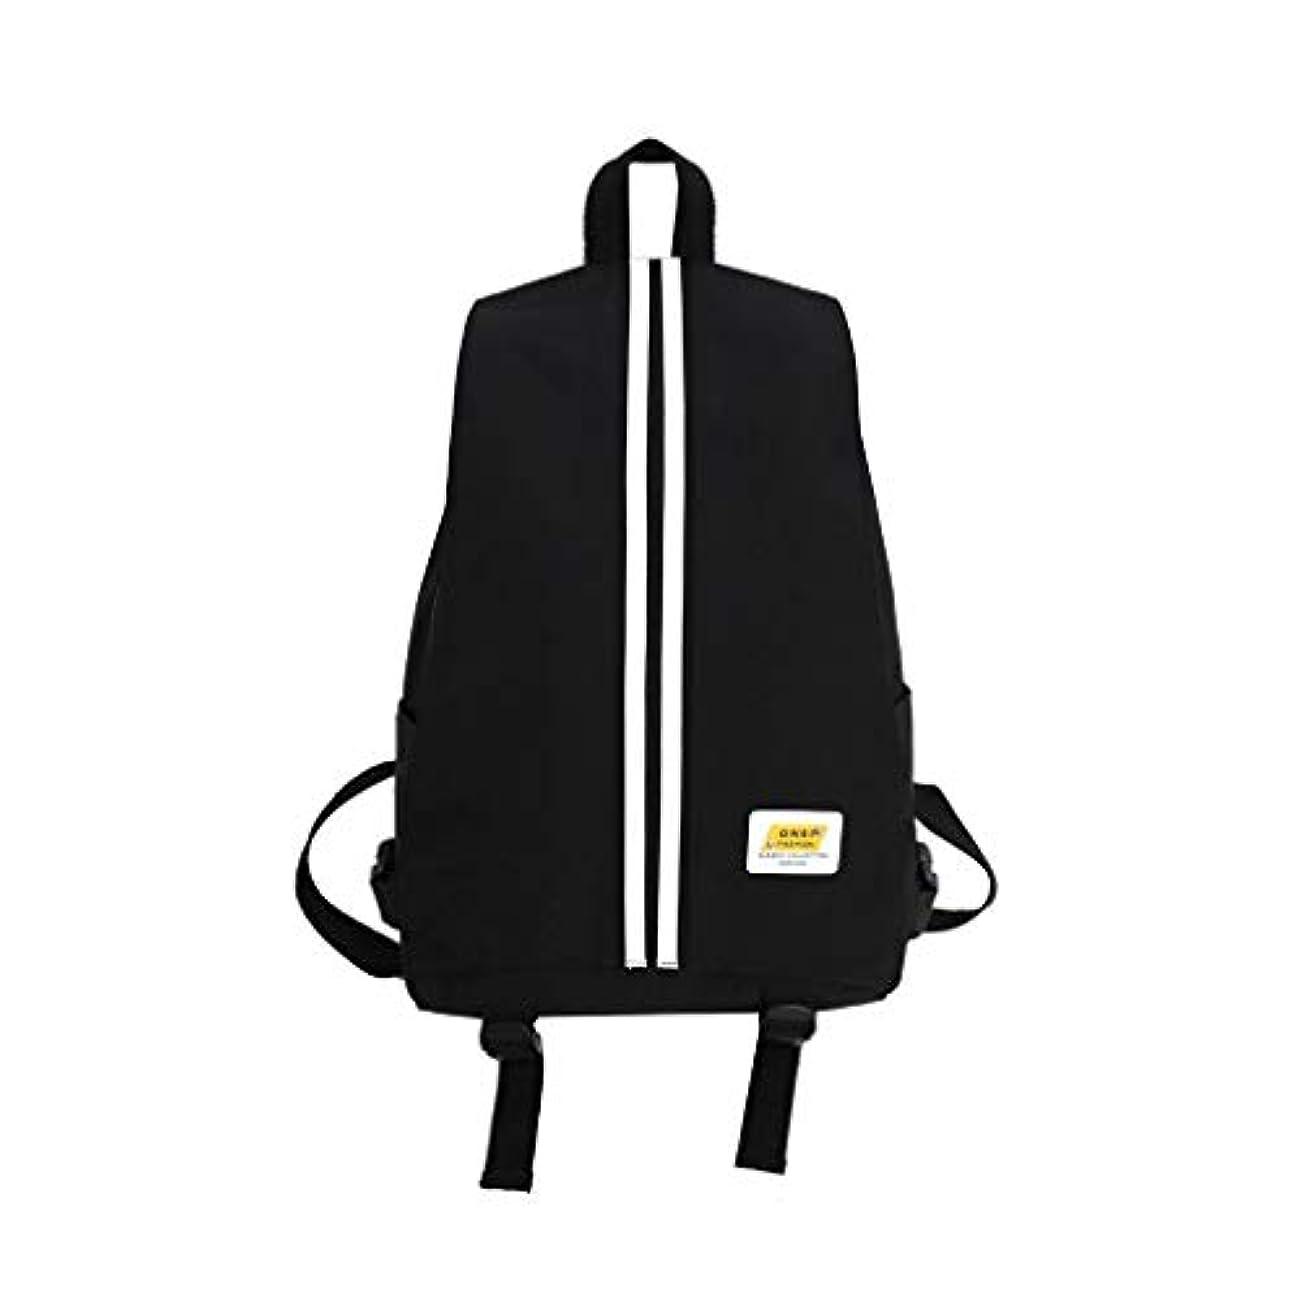 包括的旅リサイクルするショルダーバッグ バックパック大容量 学生鞄通学通勤レジャー鞄 ママリュック リュックサック クリアランス ファッション軽量コンピューターバッグハイキングレジャートラベルバッグ